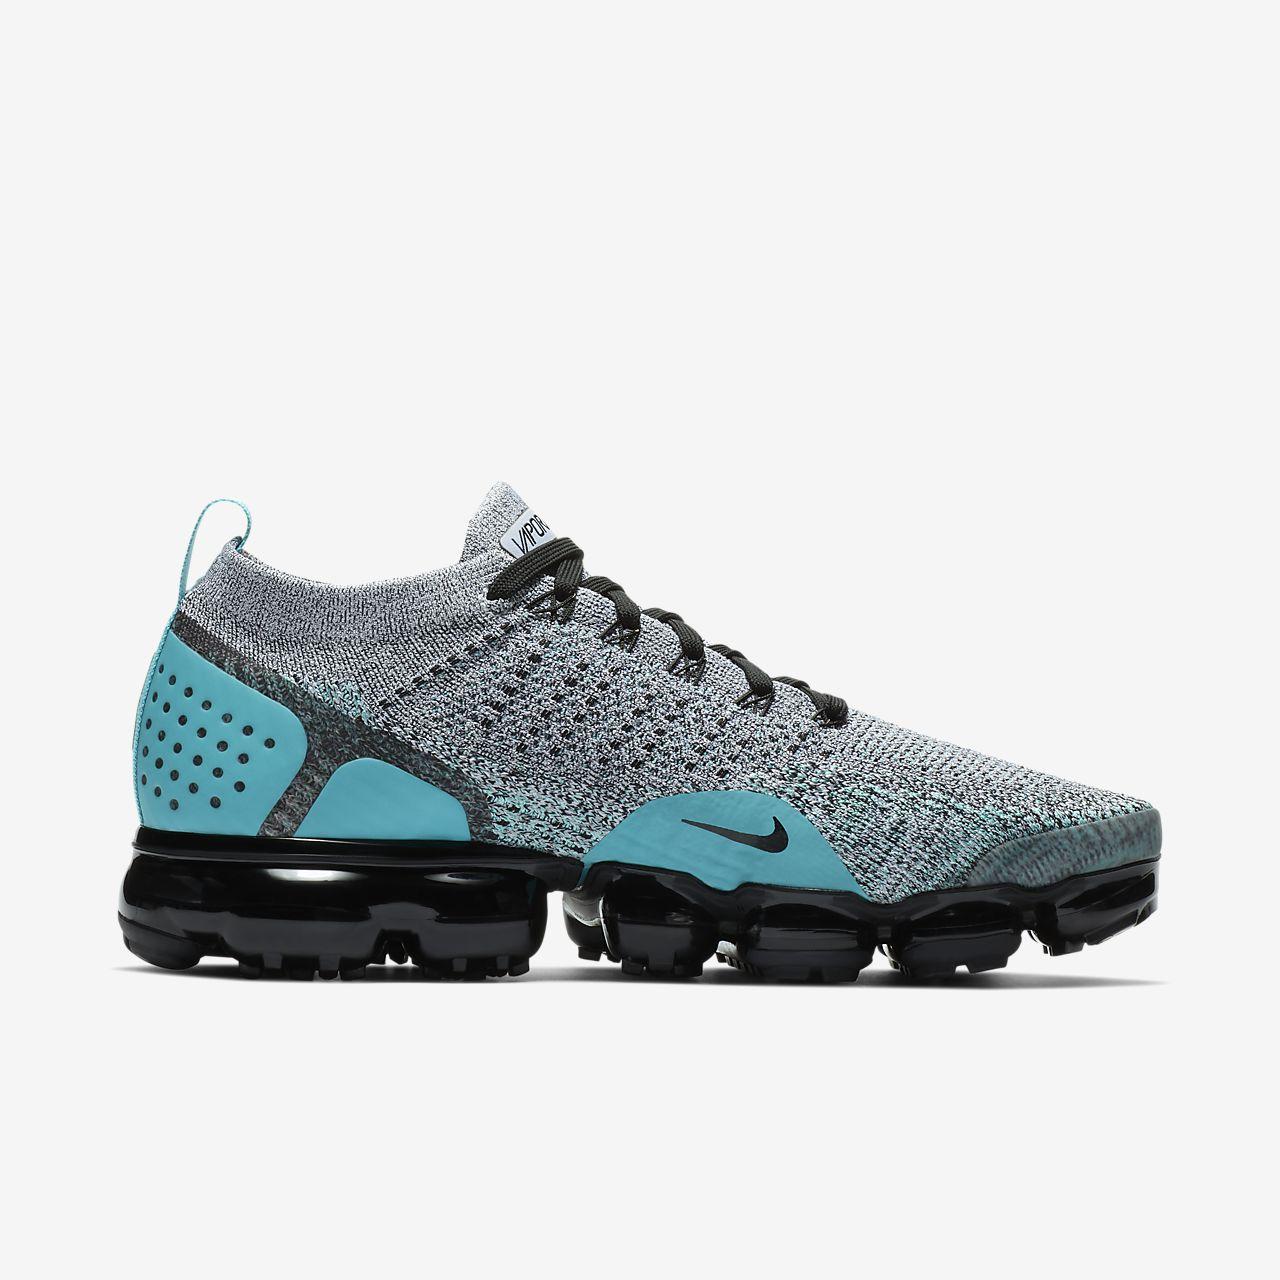 Air Vapormax 2,0 Chaussures De Sport Flyknit - Noir Nike